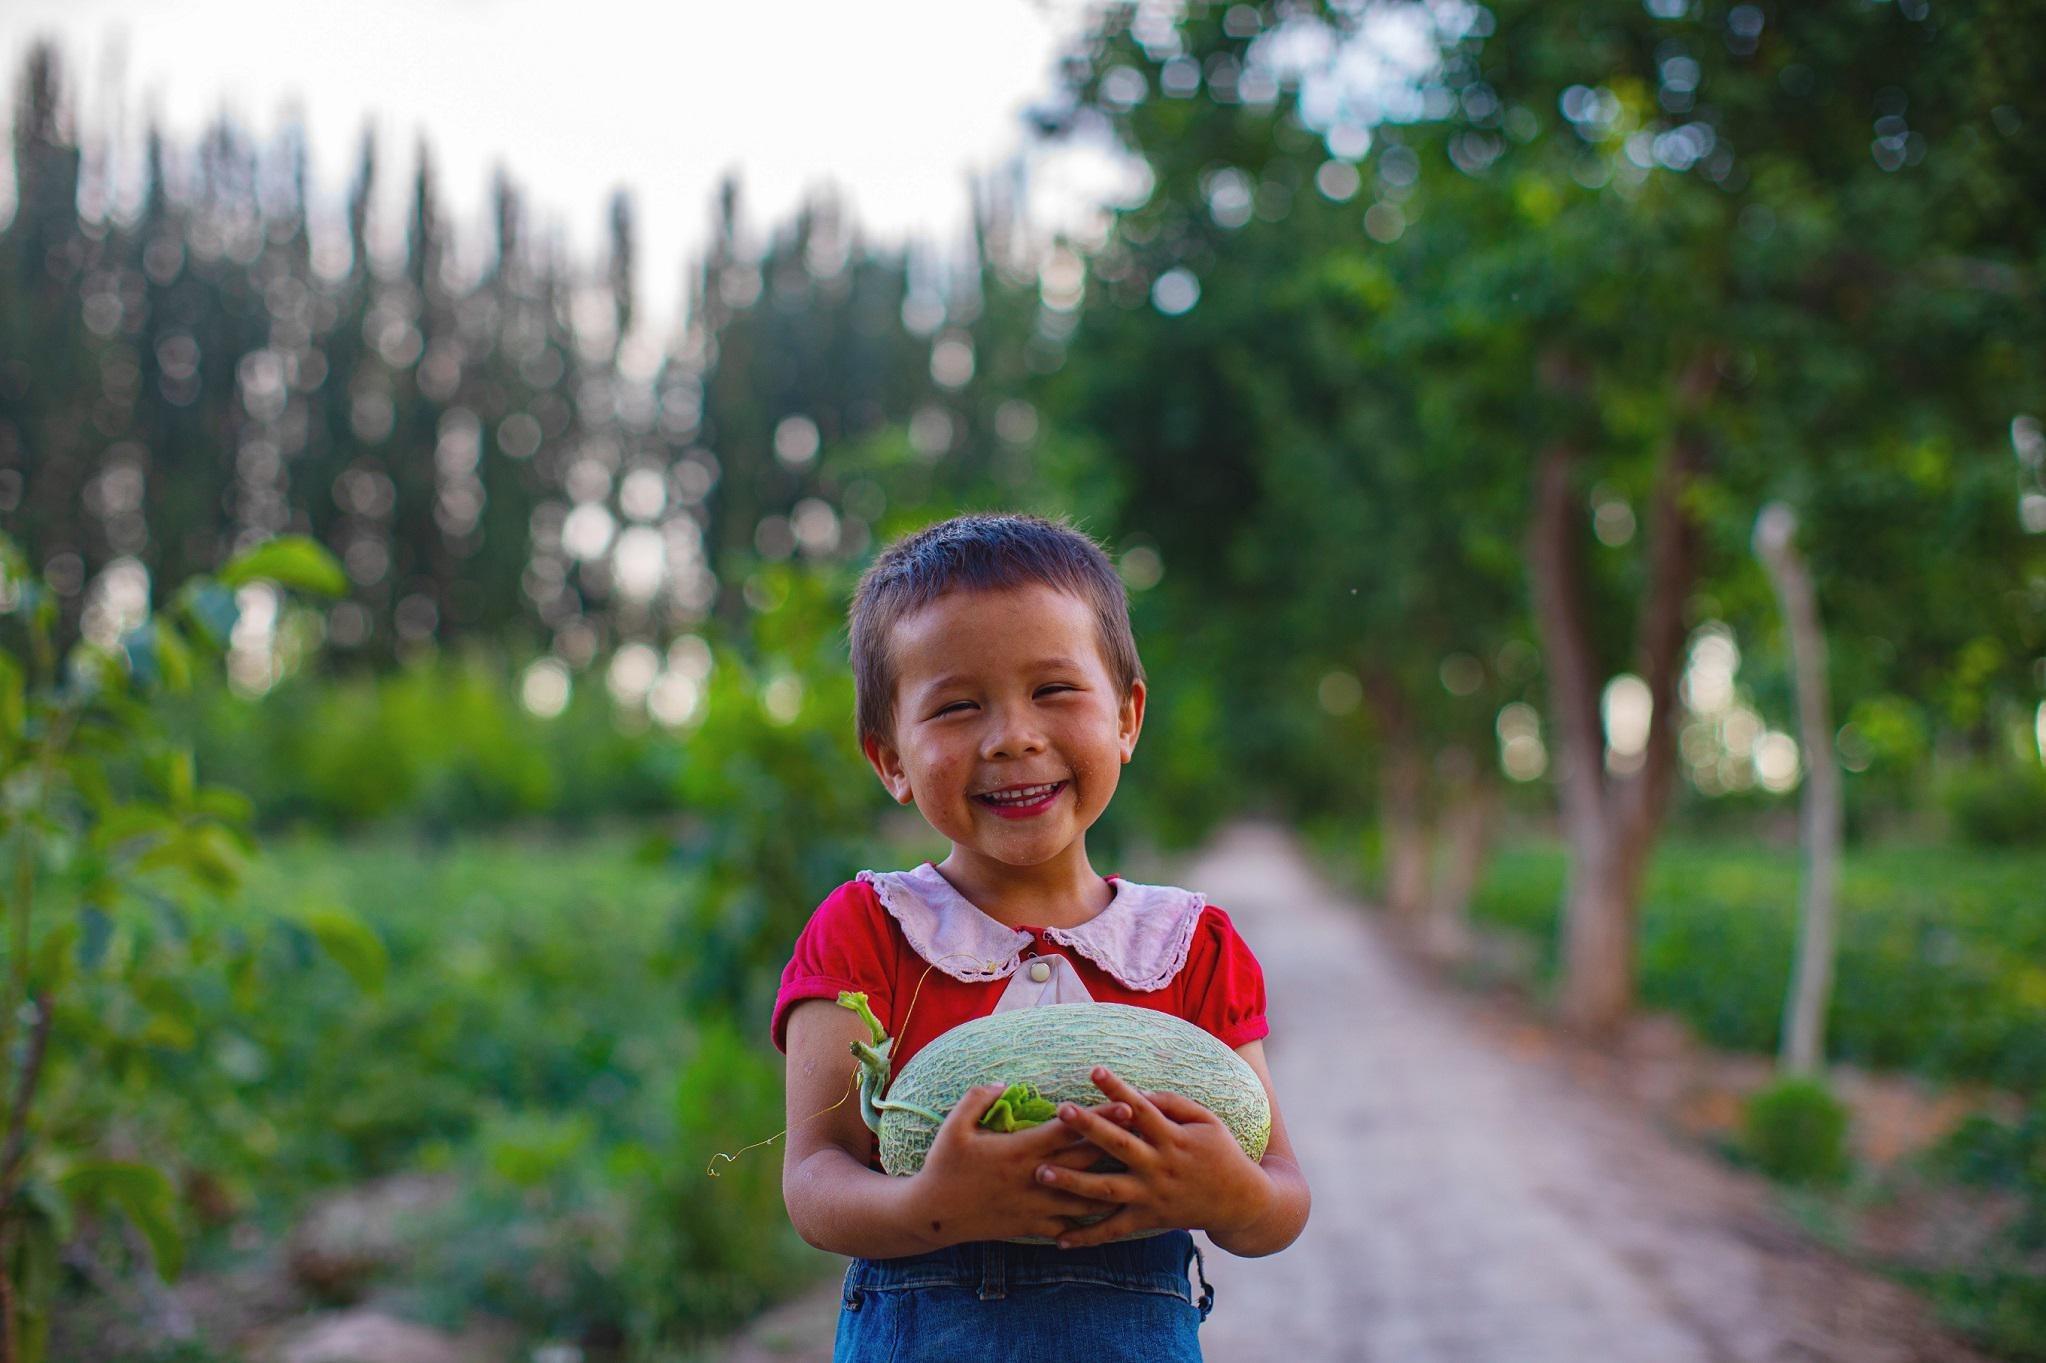 淘宝村年交易额破万亿 成为中国农村就业新动力